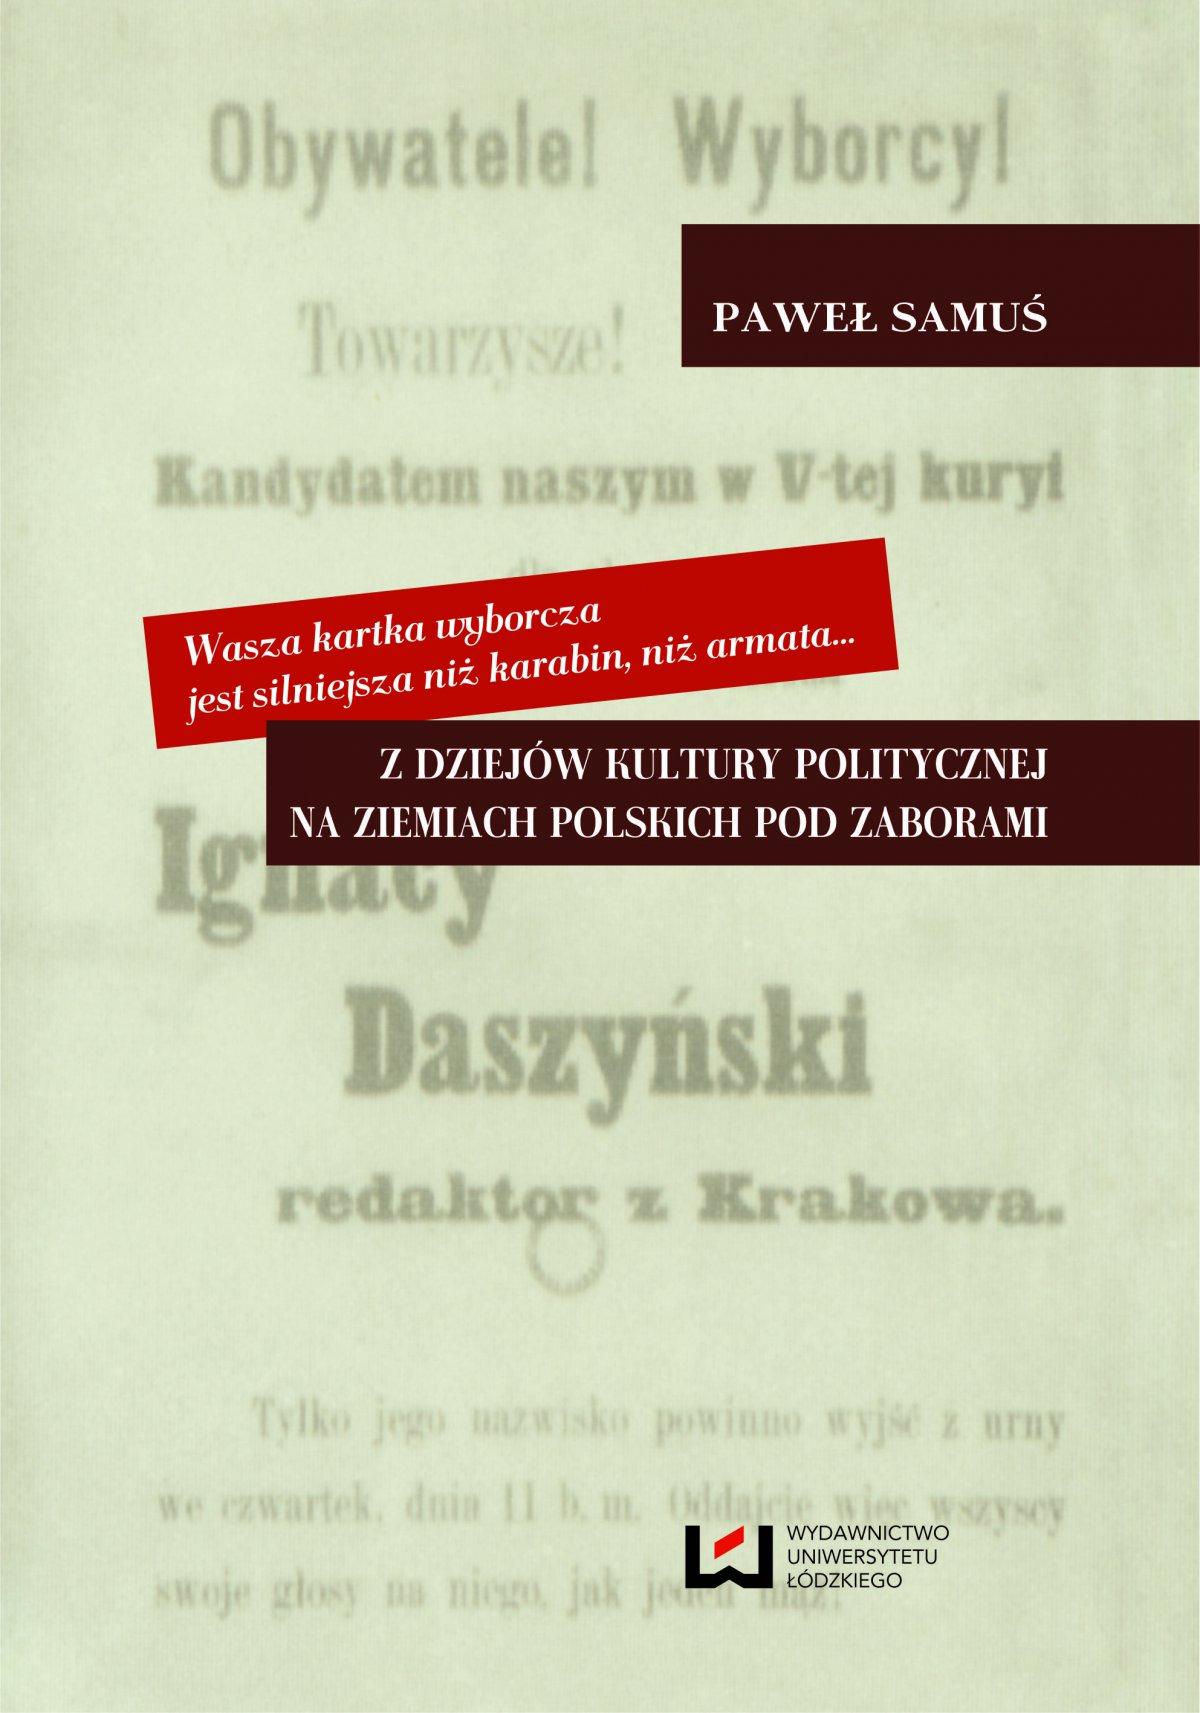 Wasza kartka wyborcza jest silniejsza niż karabin, niż armata... Z dziejów kultury politycznej na ziemiach polskich pod zaborami - Ebook (Książka EPUB) do pobrania w formacie EPUB